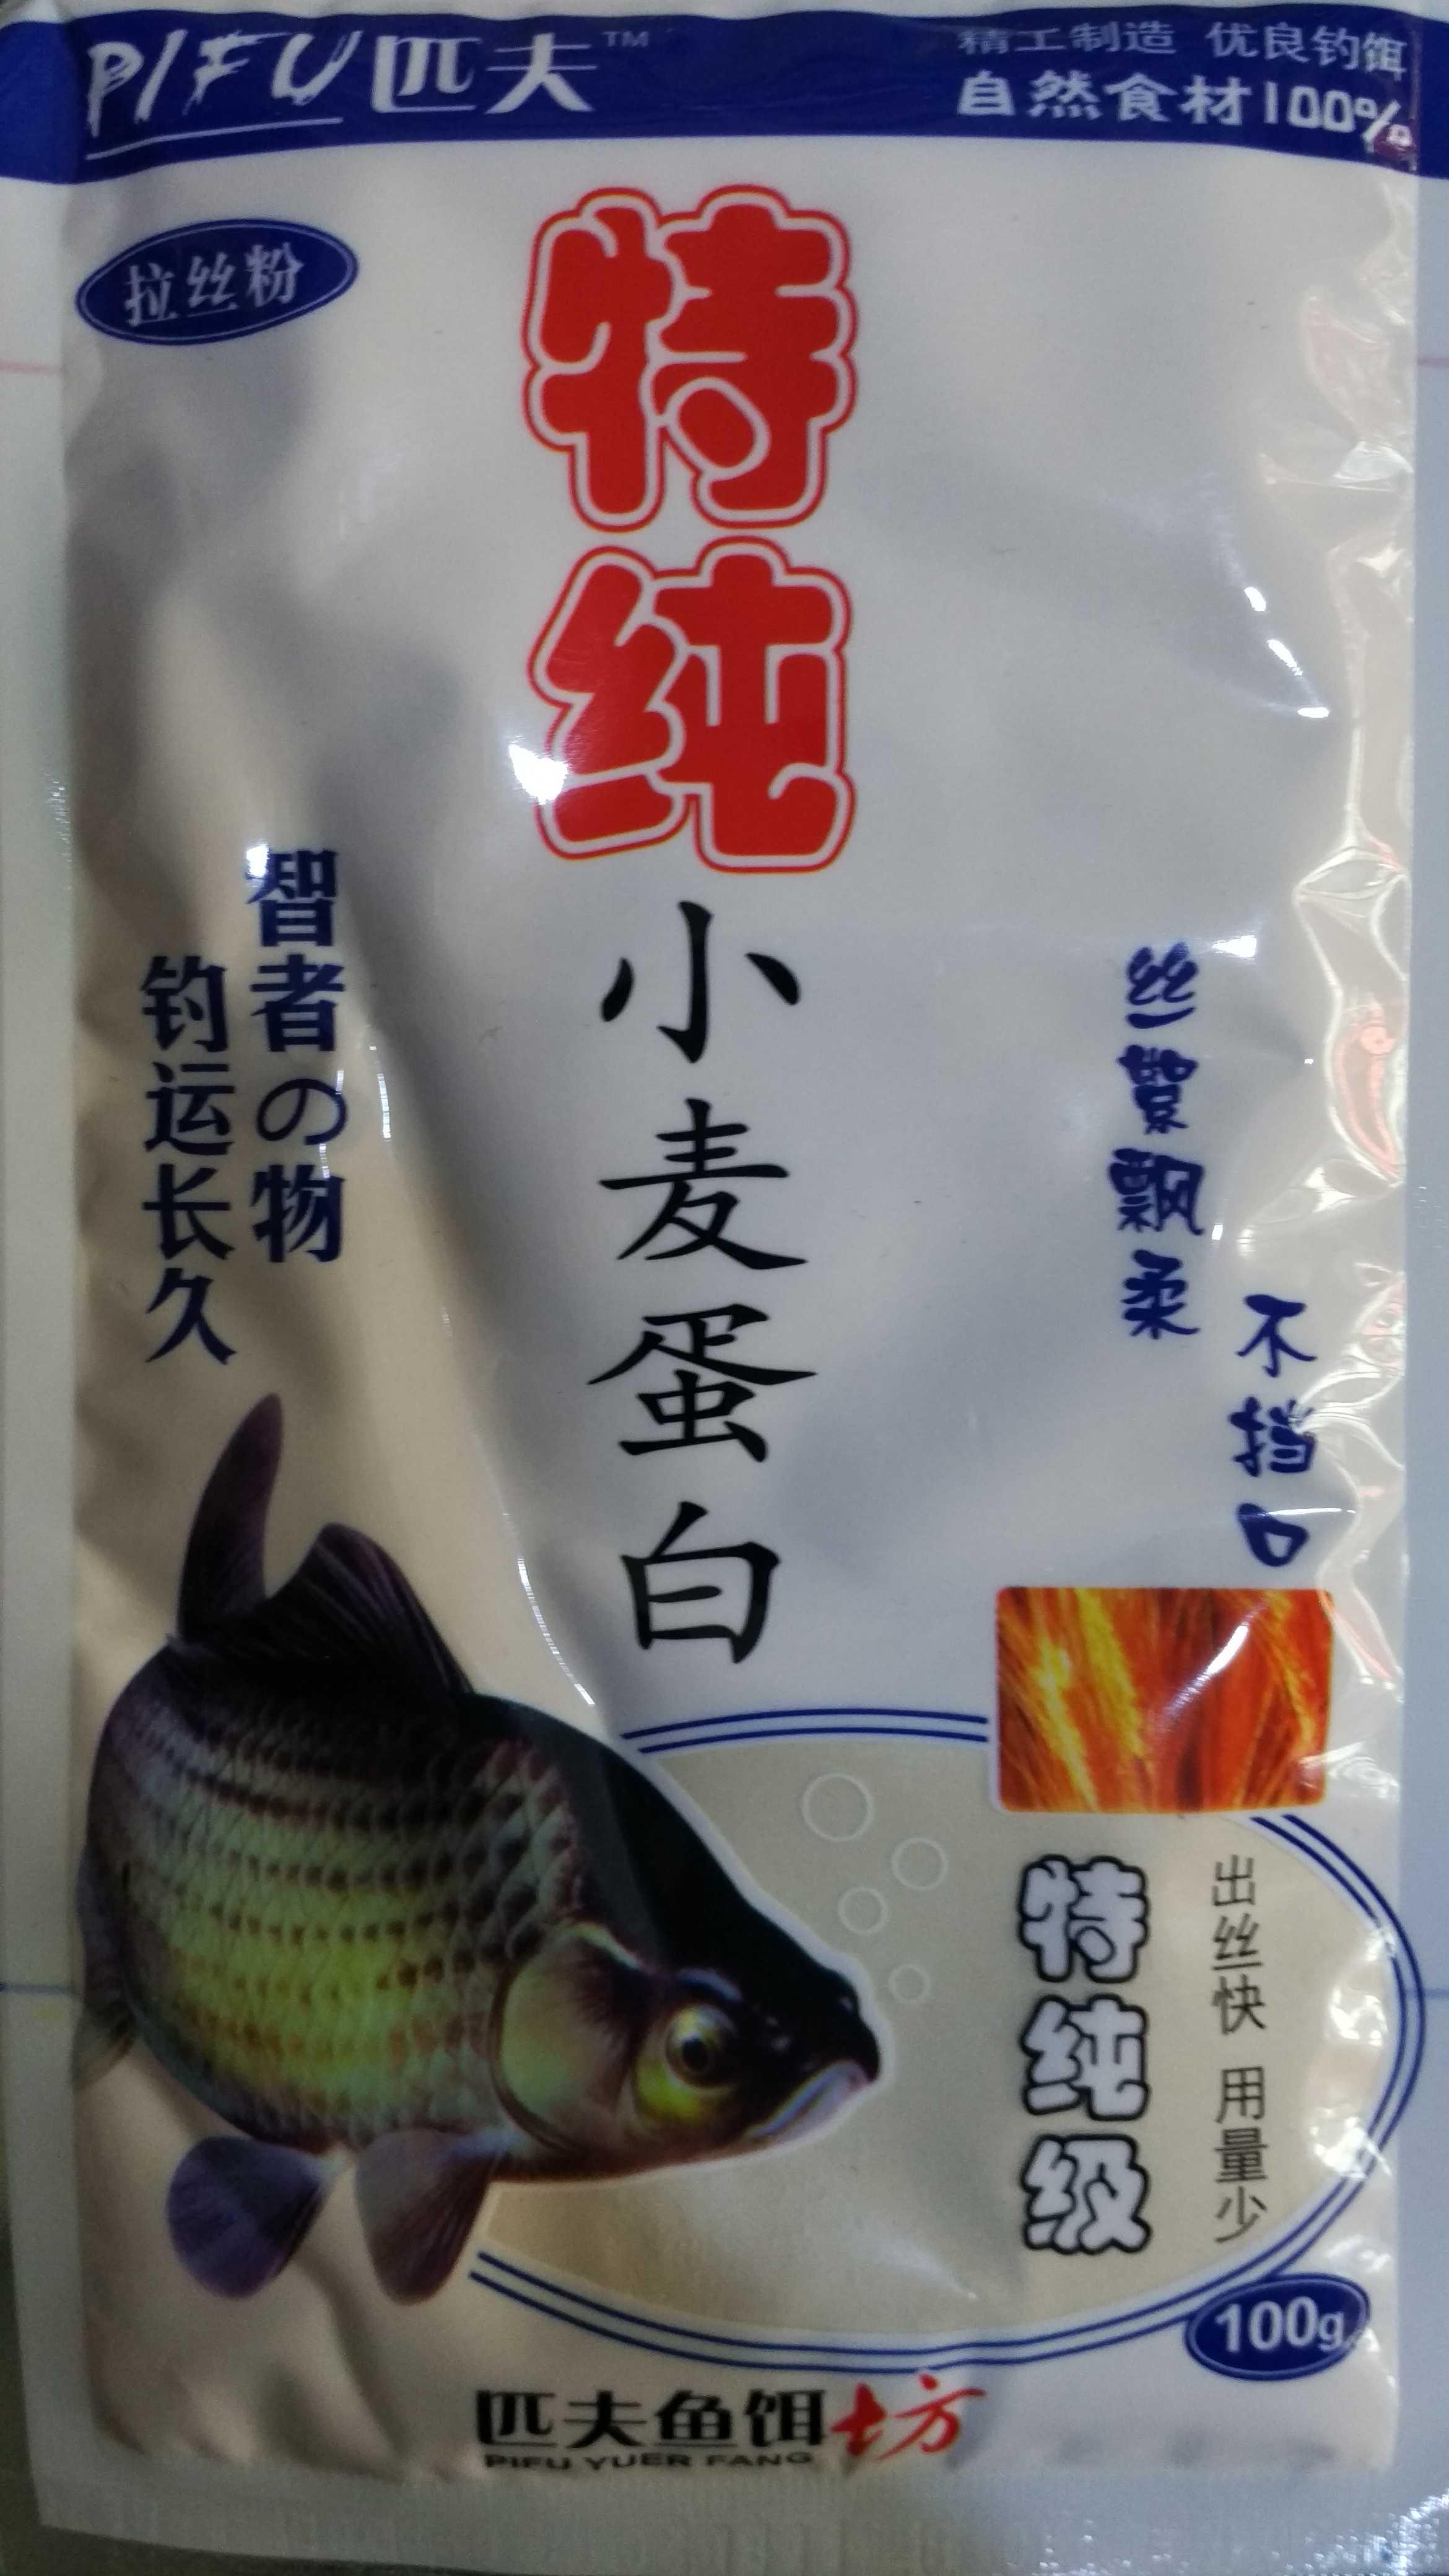 匹夫鱼饵 特纯小麦蛋白 拉丝粉 出丝快 不挡口 100g 火热销售中